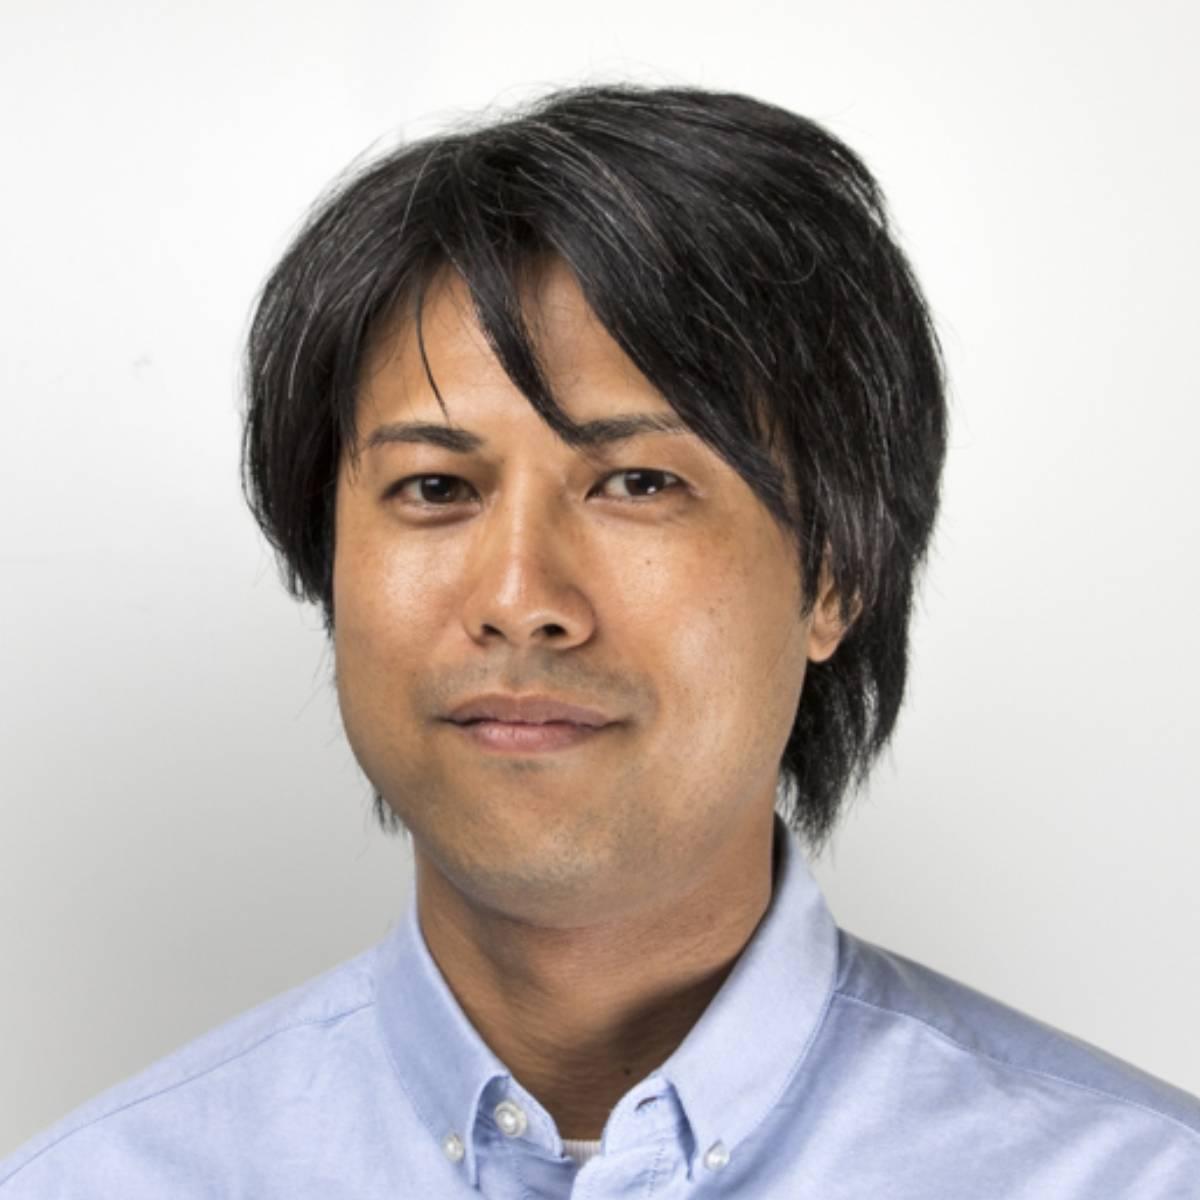 Wataru Wakatsuki